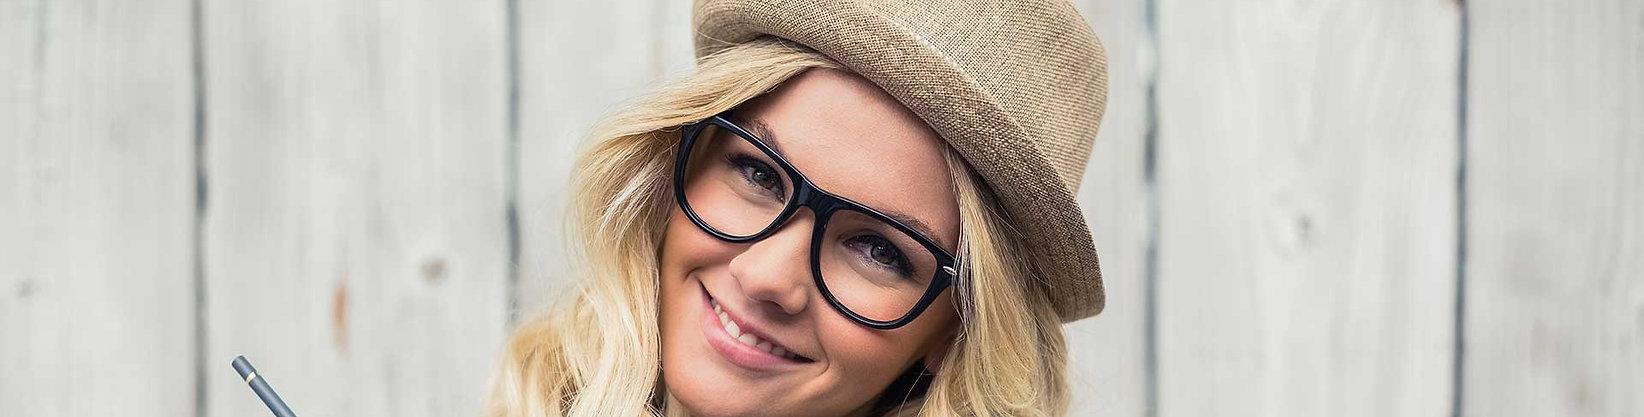 Hipster girl wearing eye glasses